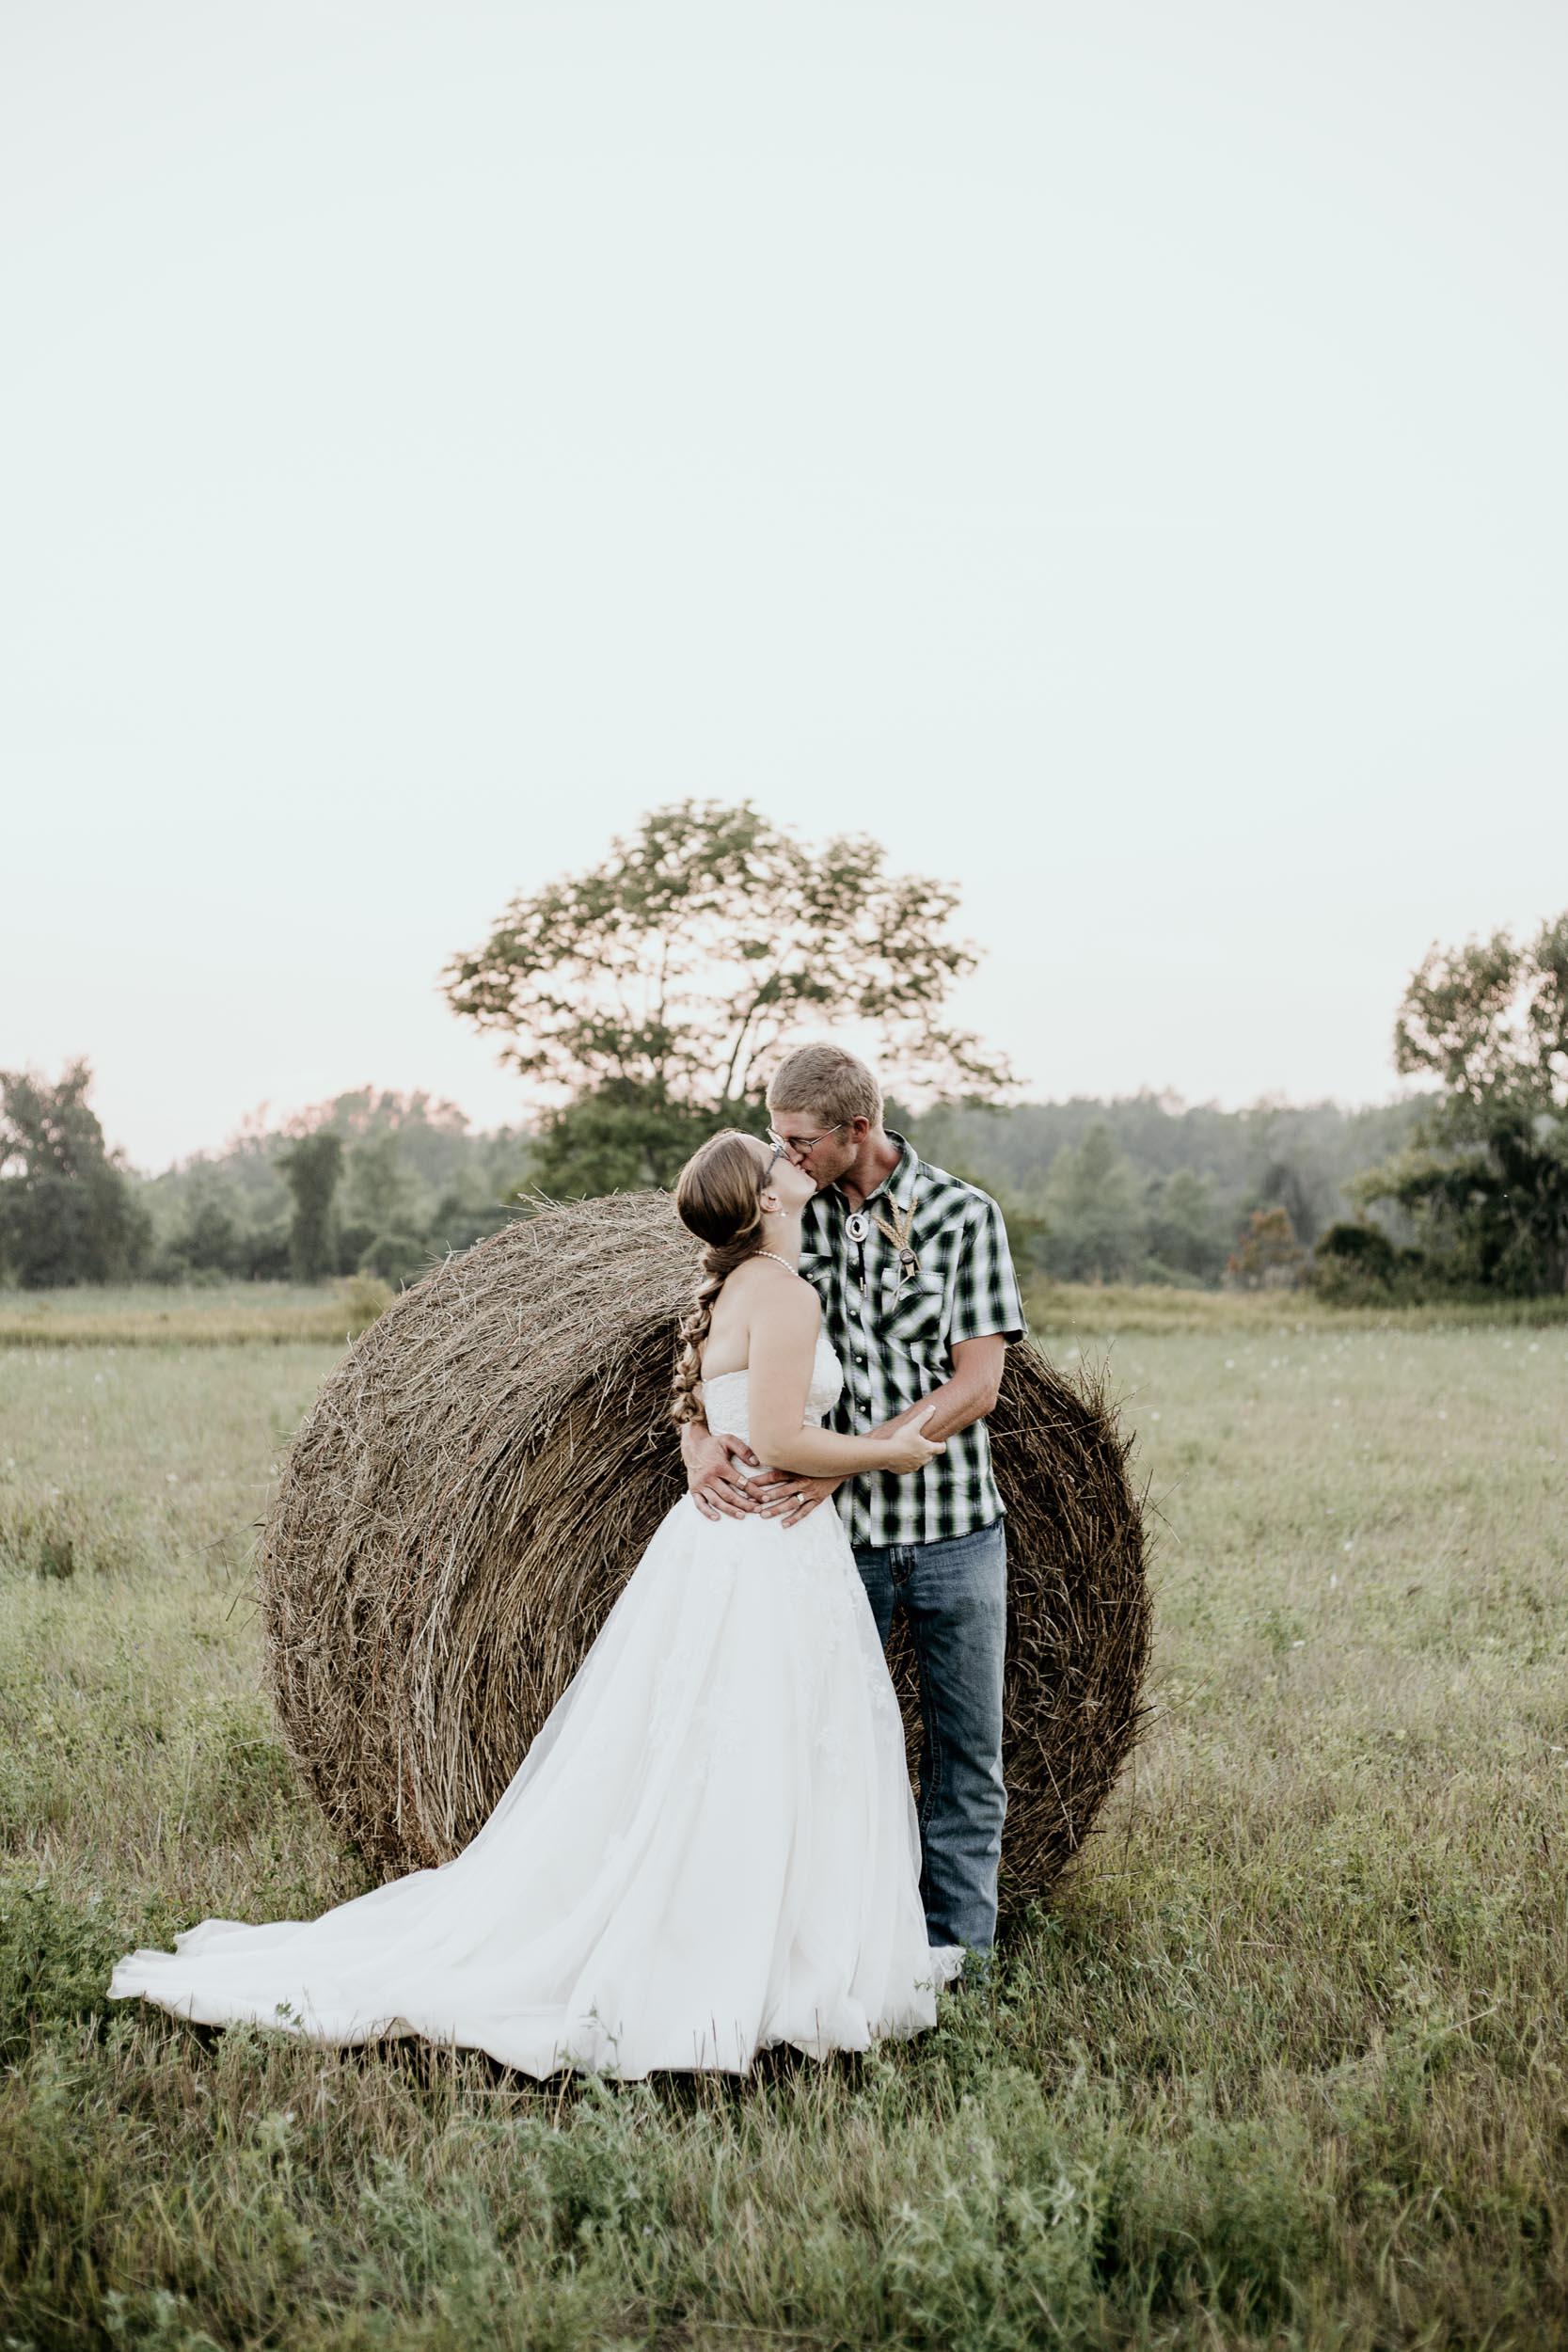 intimate-wedding-elopement-photographer-ottawa-joshua-tree-3171.jpg